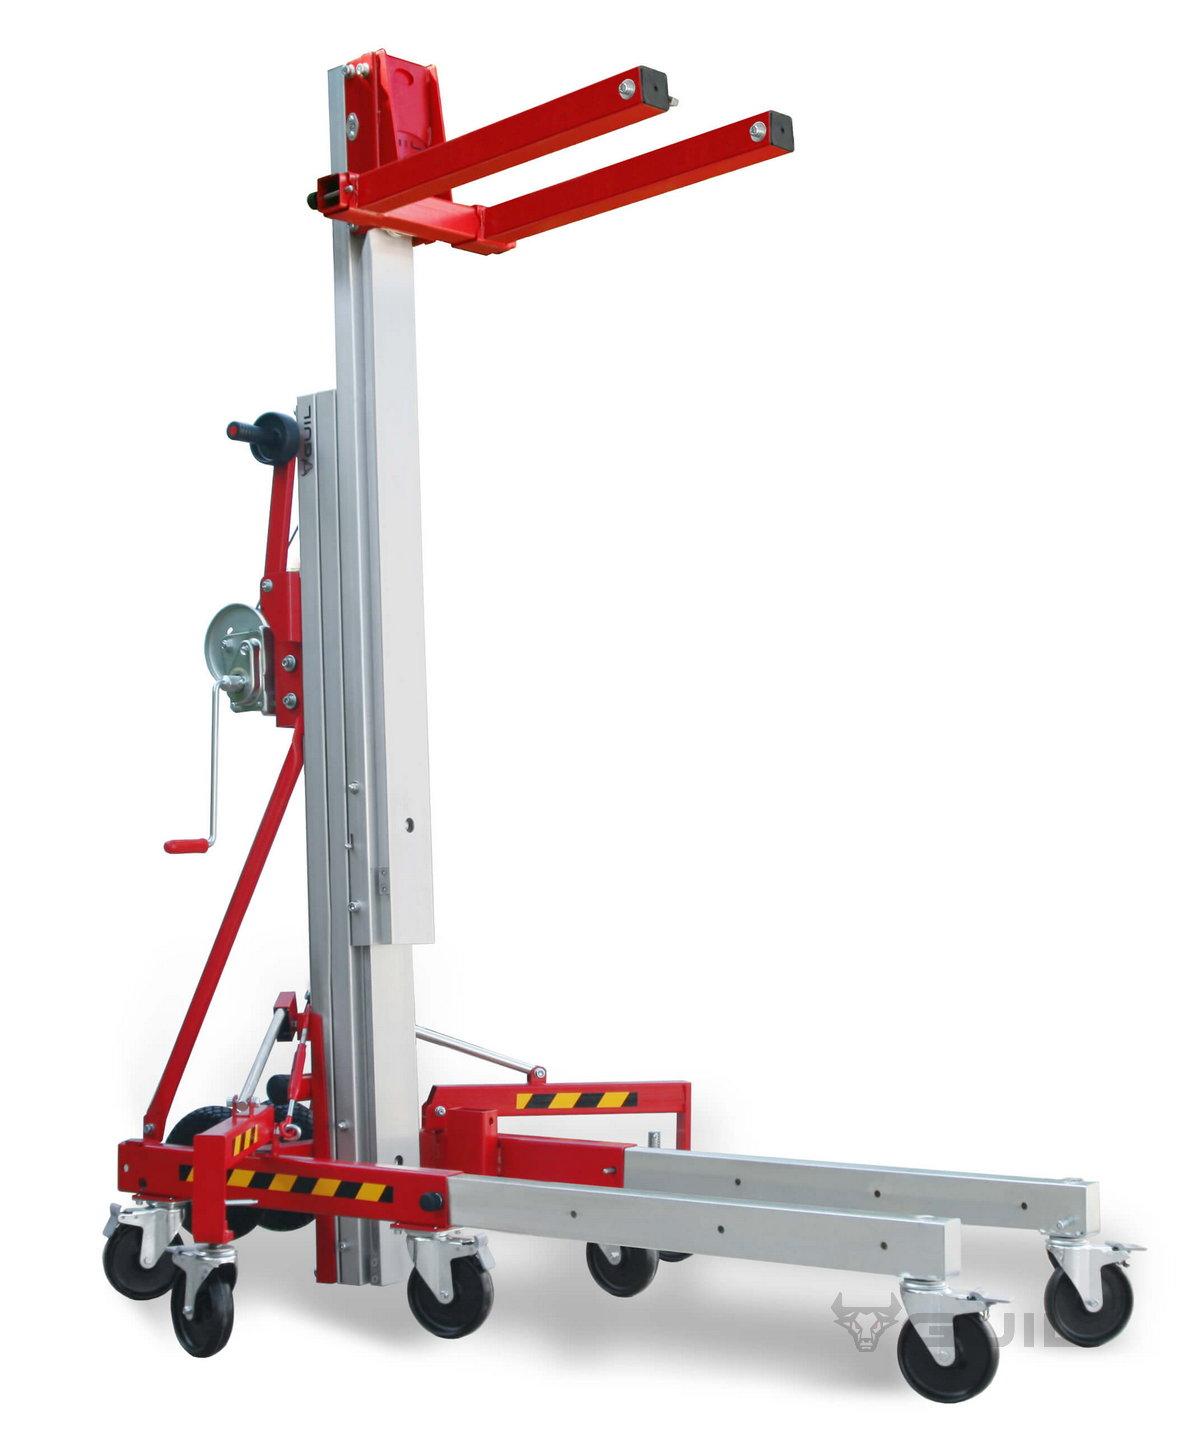 Kanaallift 4 m 250 kg compact (dutch) (1)